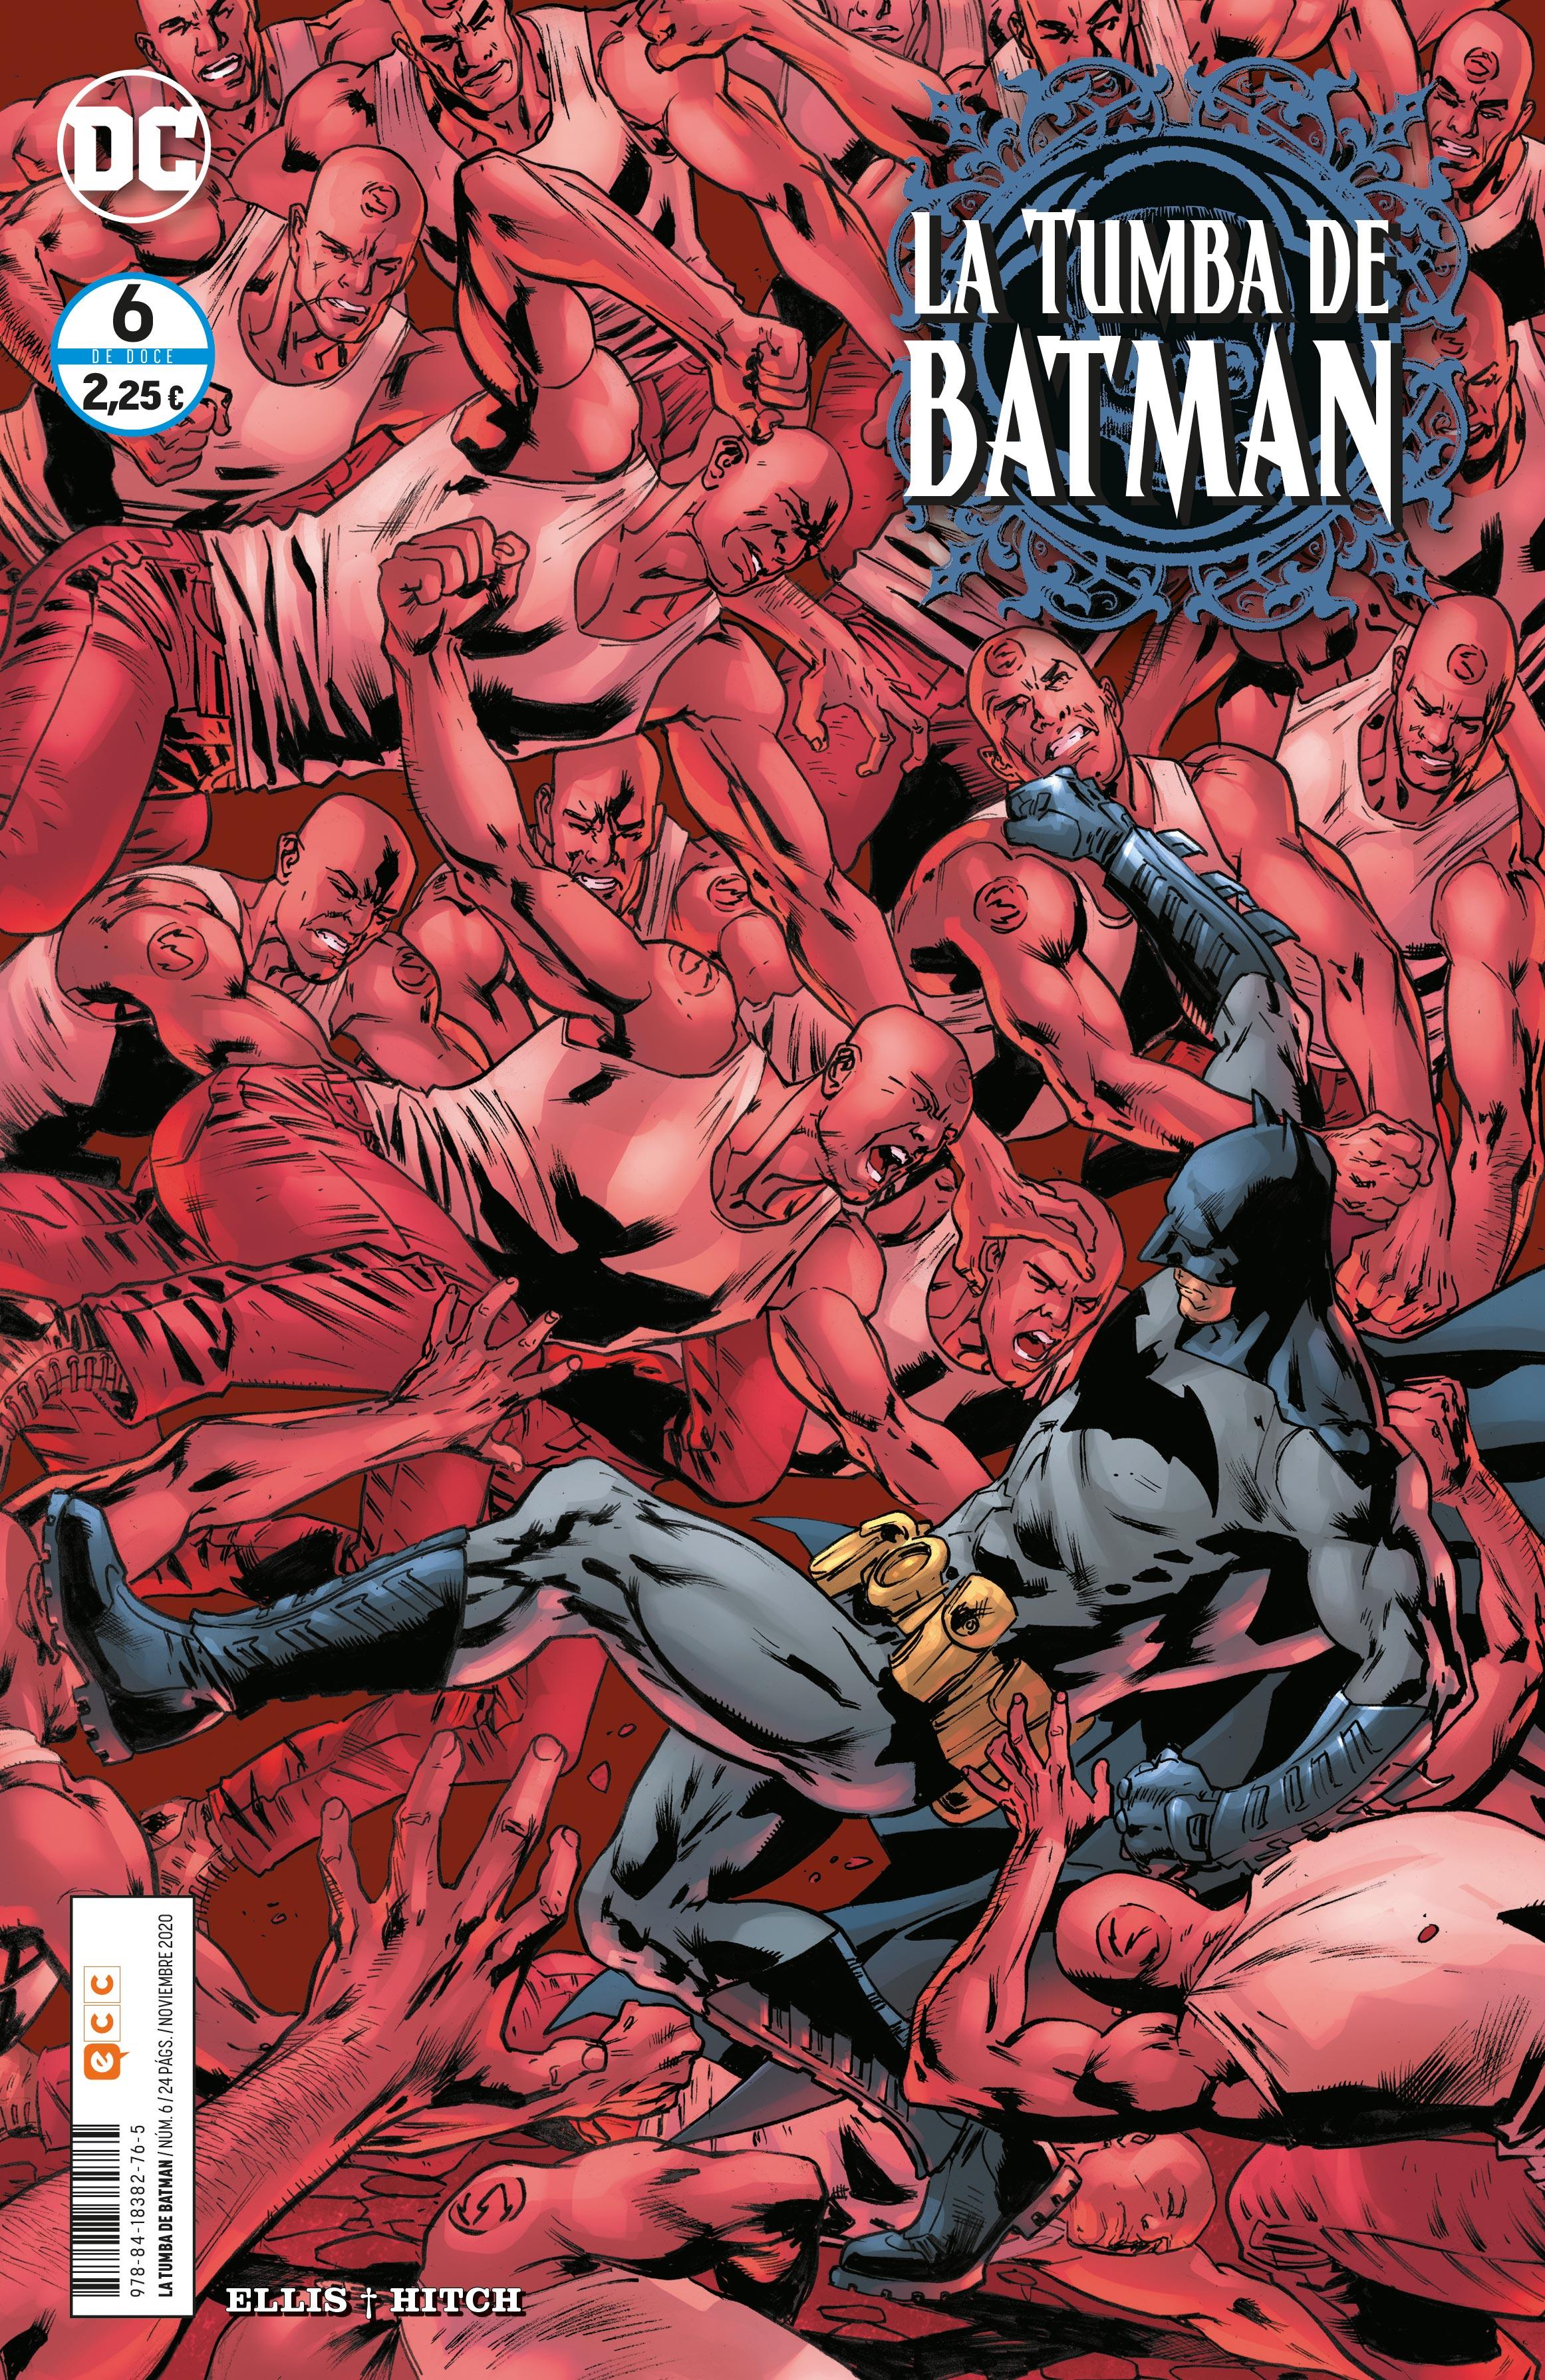 La tumba de Batman #06 de 12